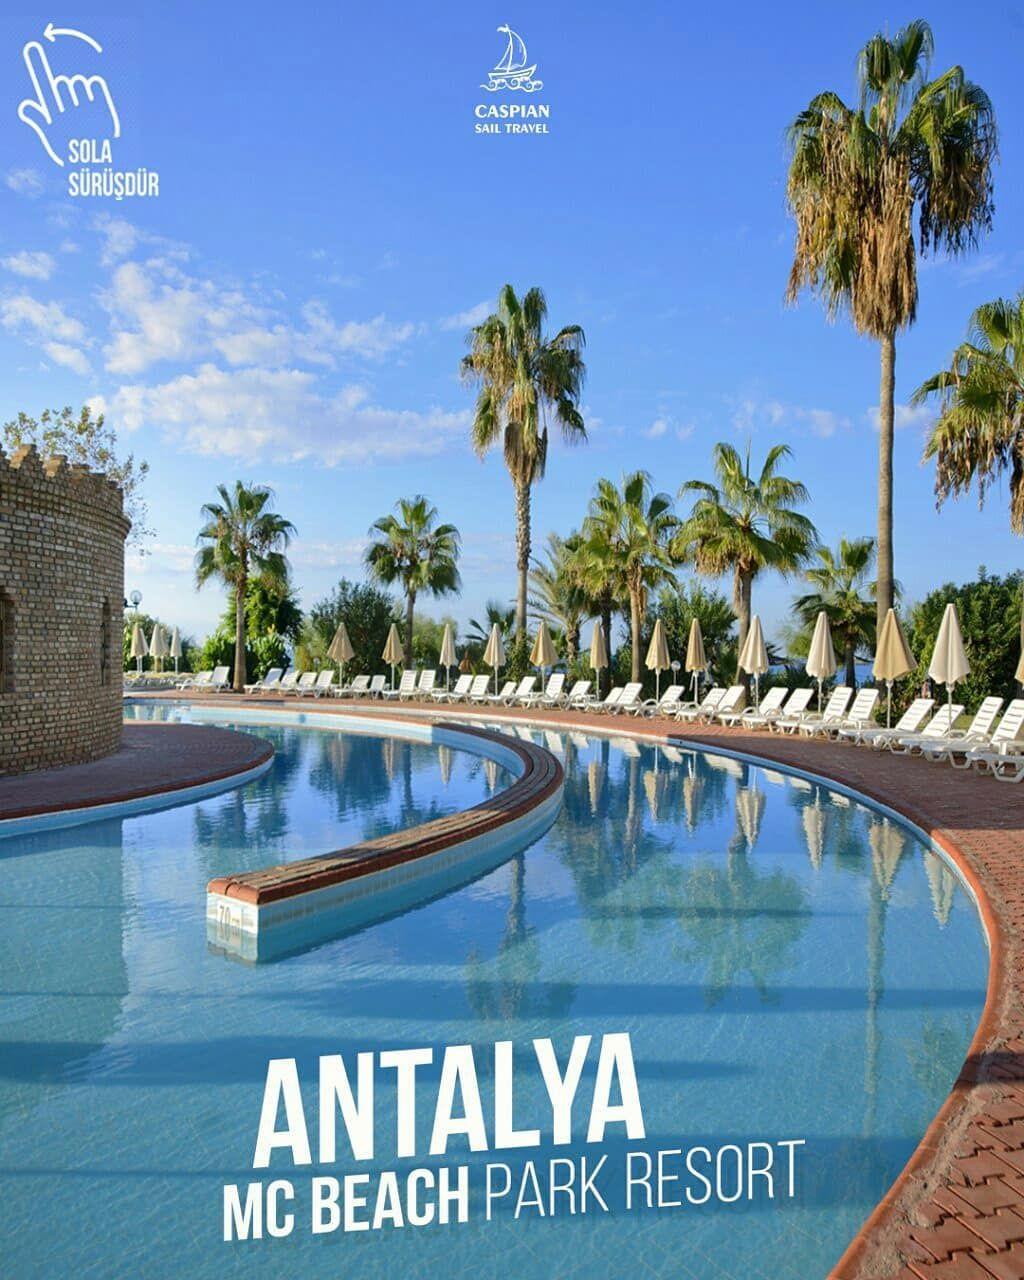 Antalyanin 5 Ulduzlu Komfort Otelləri Sizin Istirahətinizin Unudulaz Olmasini Təmin Antalyanin 5 Ulduzlu Komfort Otelləri Sizin Isti Park Resorts Resort Beach